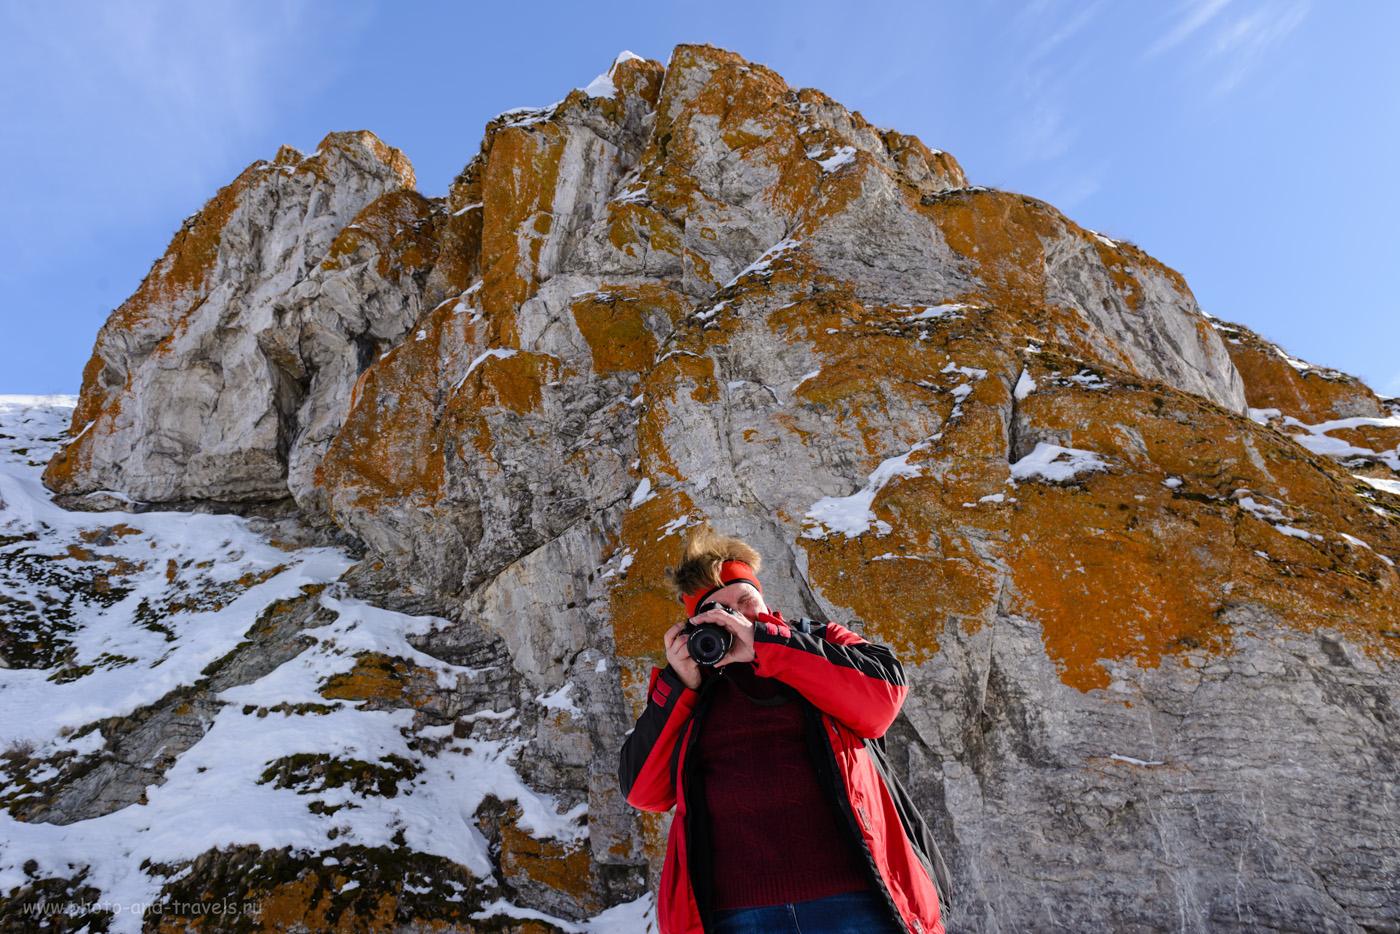 Фото 24. Фотосессия на фоне красных скал у Зотинской пещеры. 1/50, +0.33, 8.0, 100, 24.